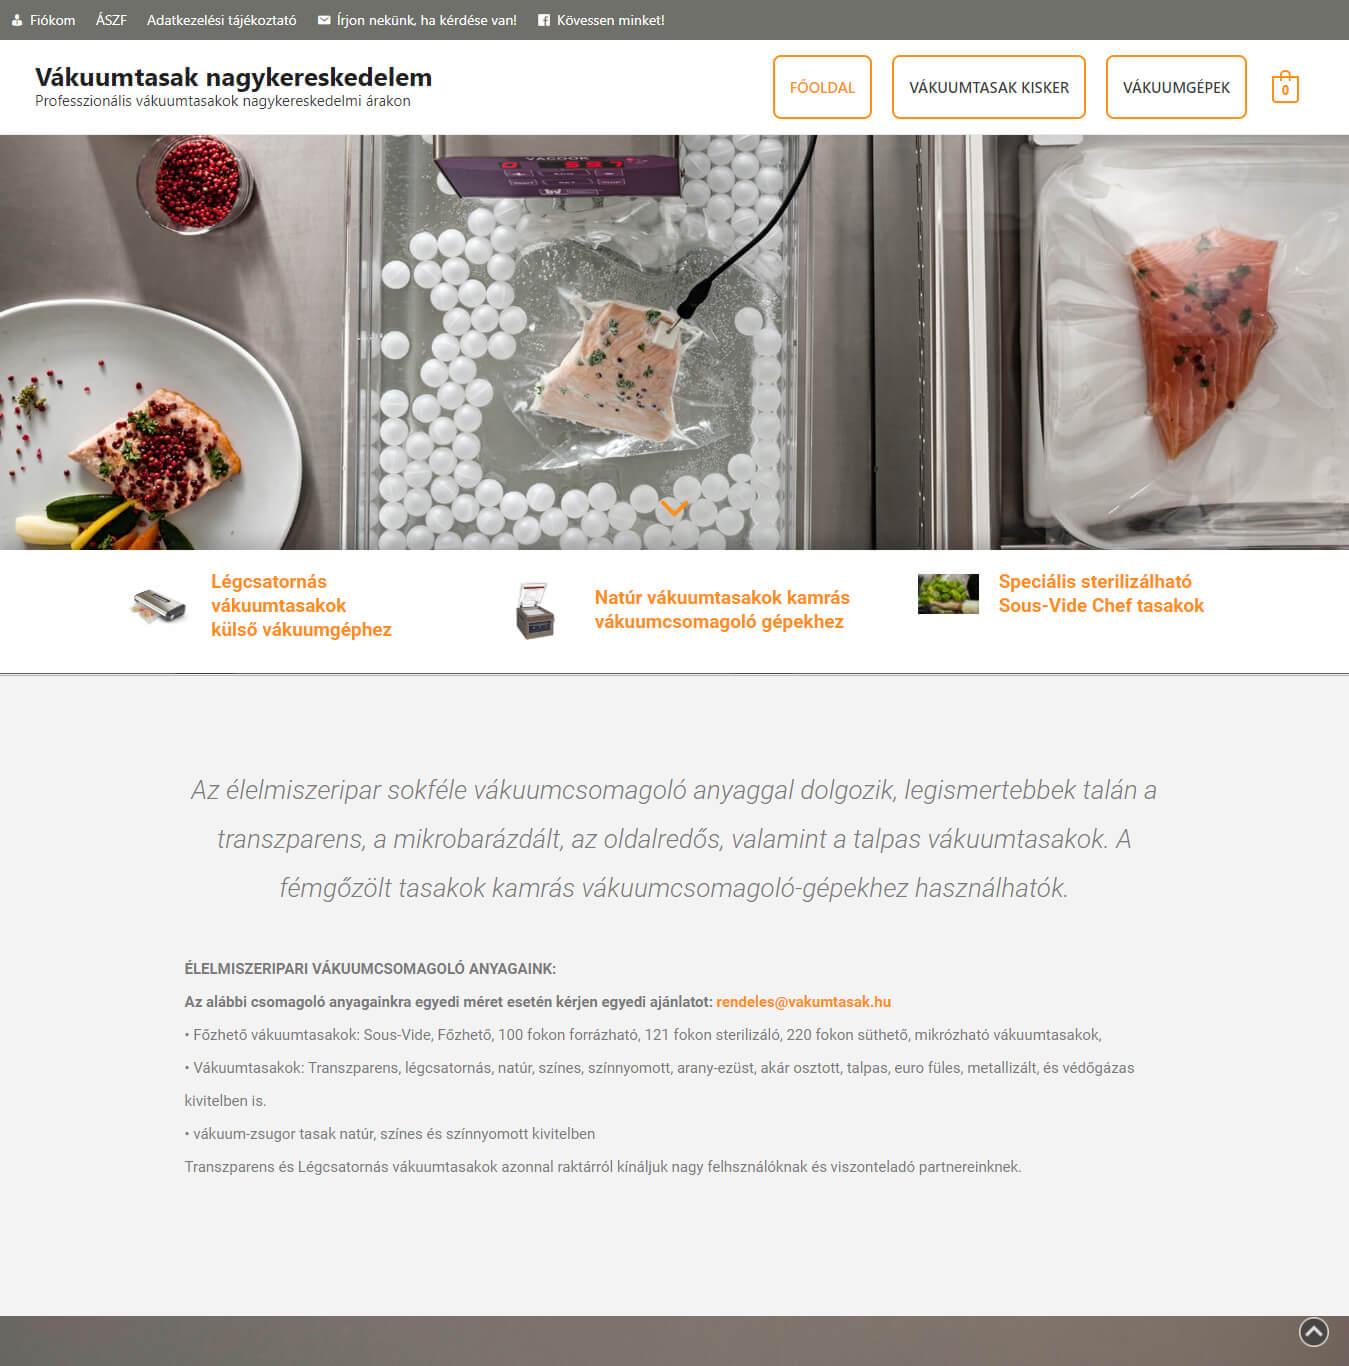 vakumtasak-nagyker-webaruhaz